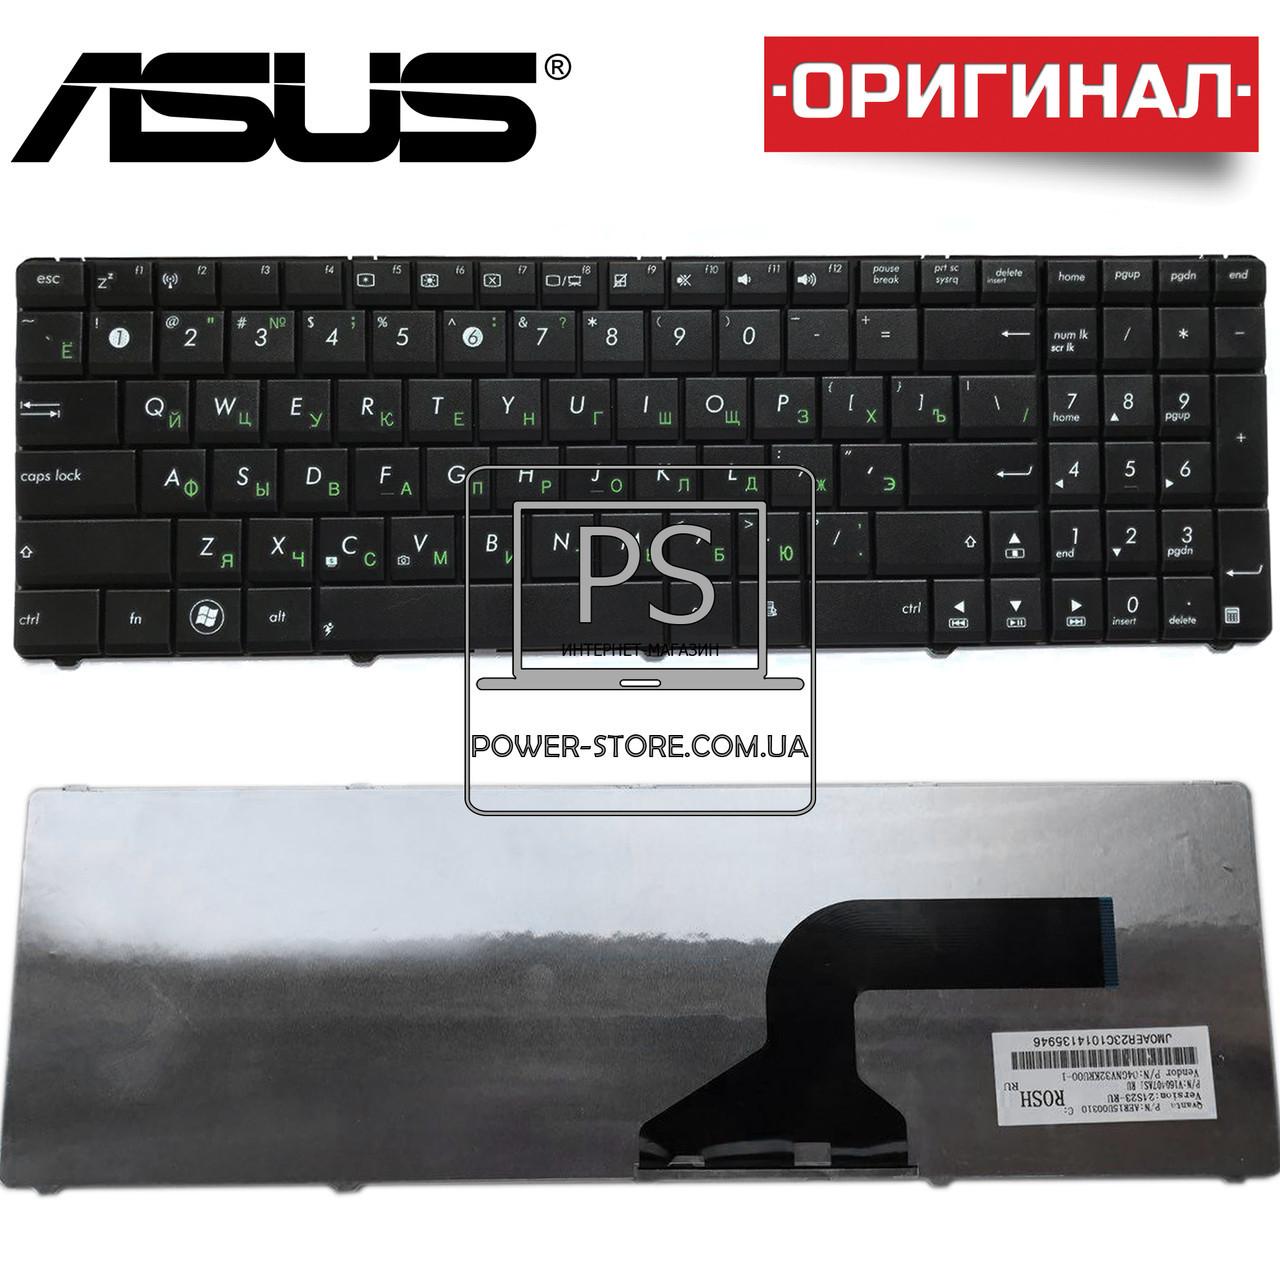 Клавиатура для ноутбука ASUS 0KNB0-6204BG00, 0KNB0-6204CZ00, 0KNB0-6204FR00,